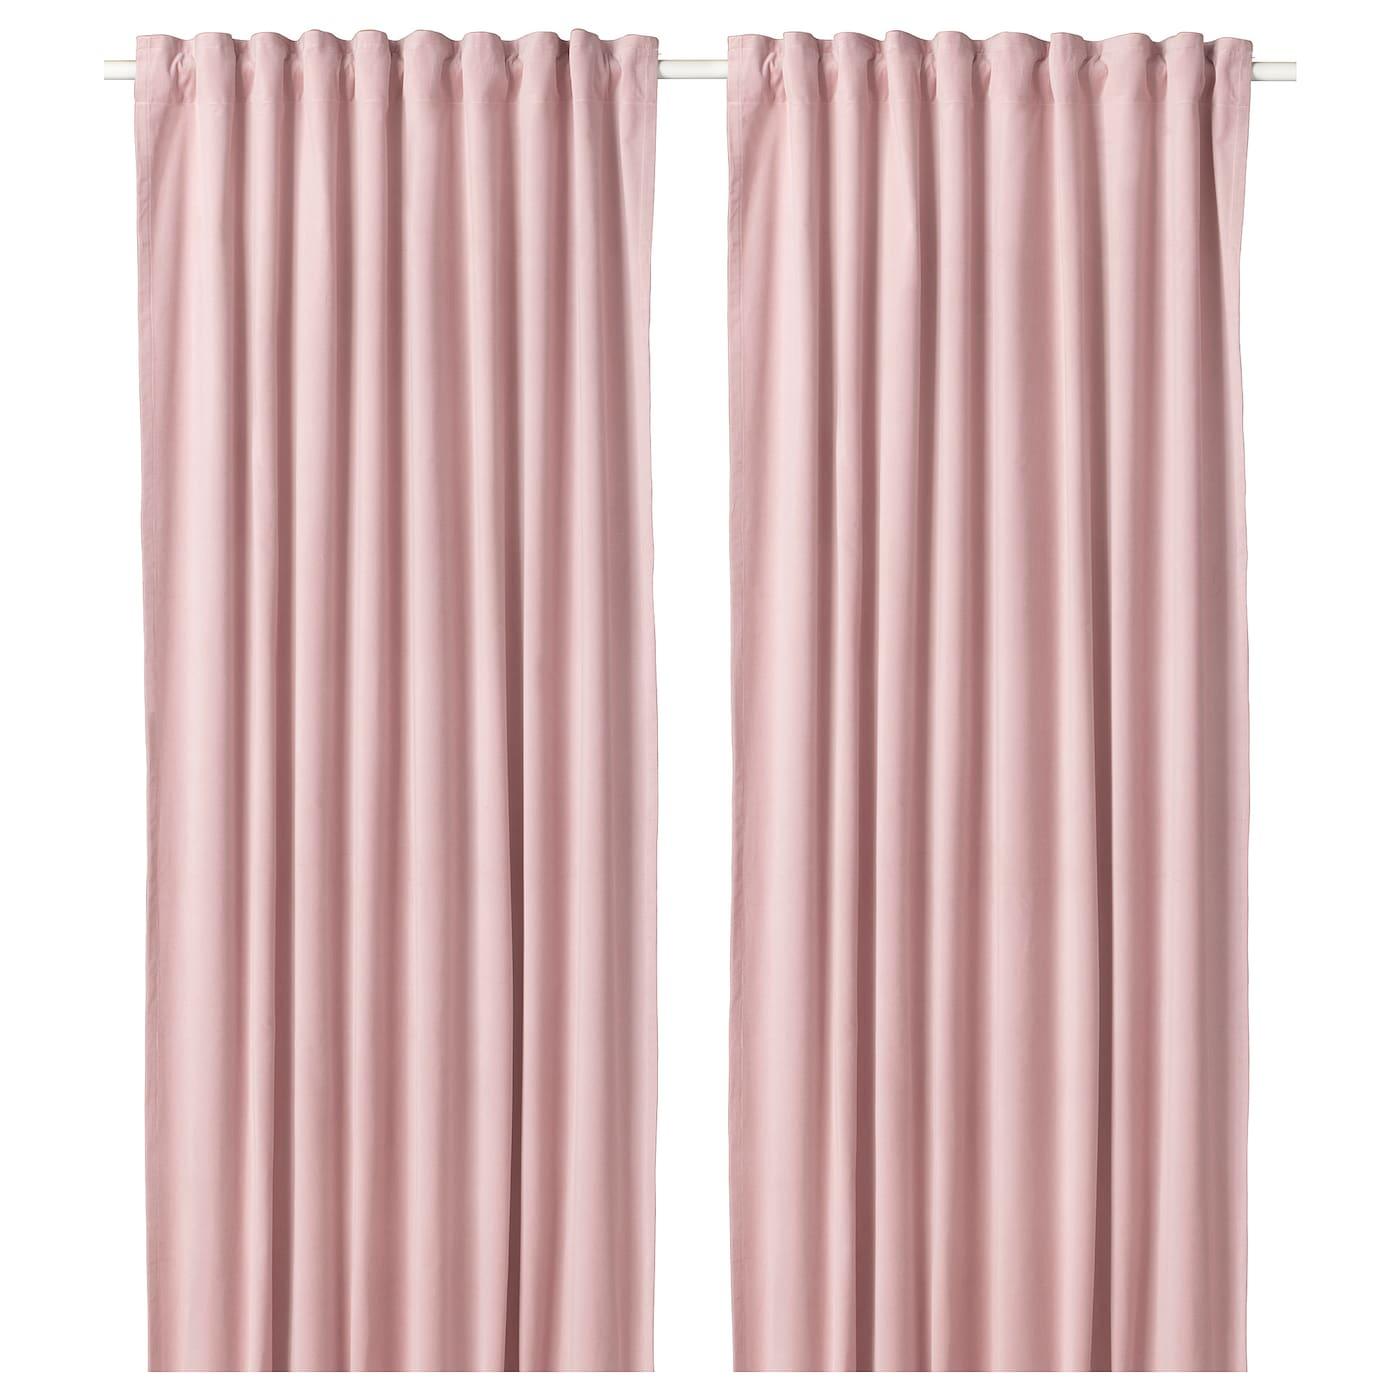 Sanela Light Pink Room Darkening